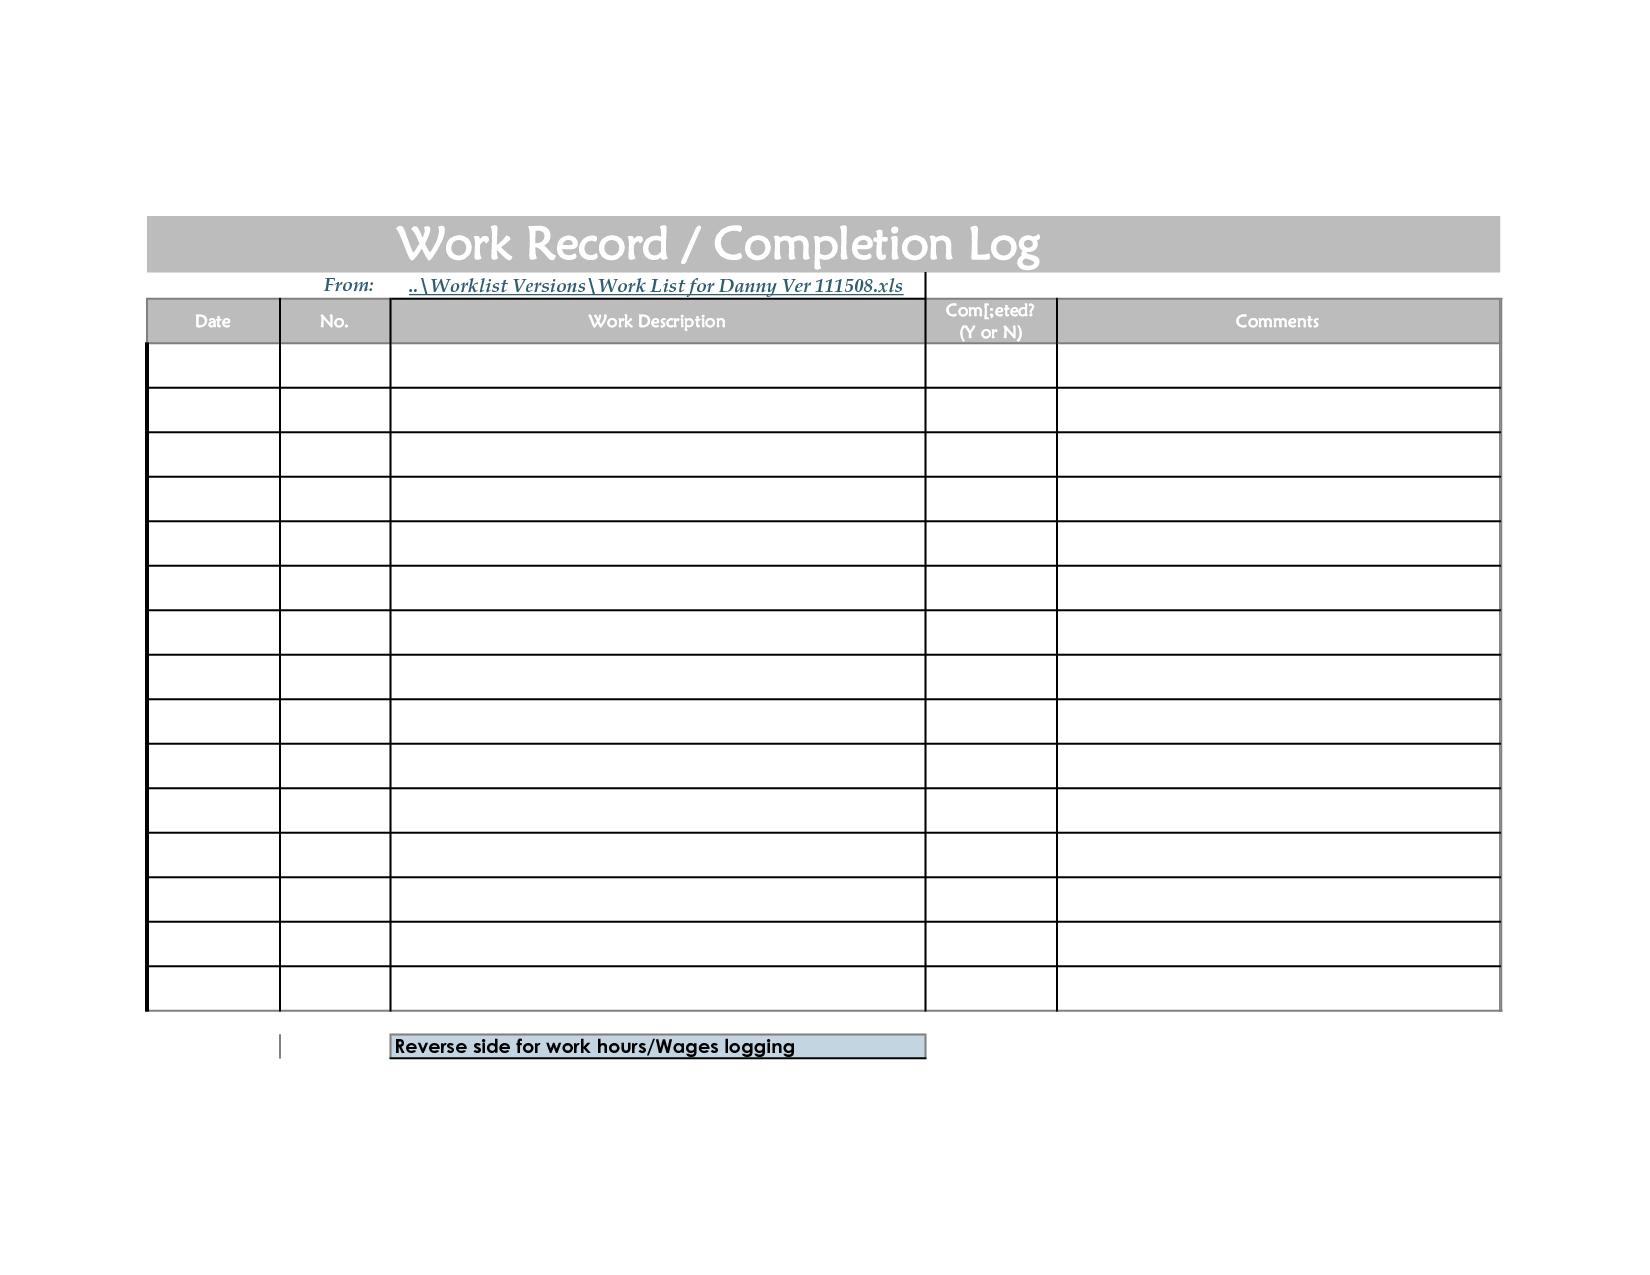 Weekly Work Log Sheet Template